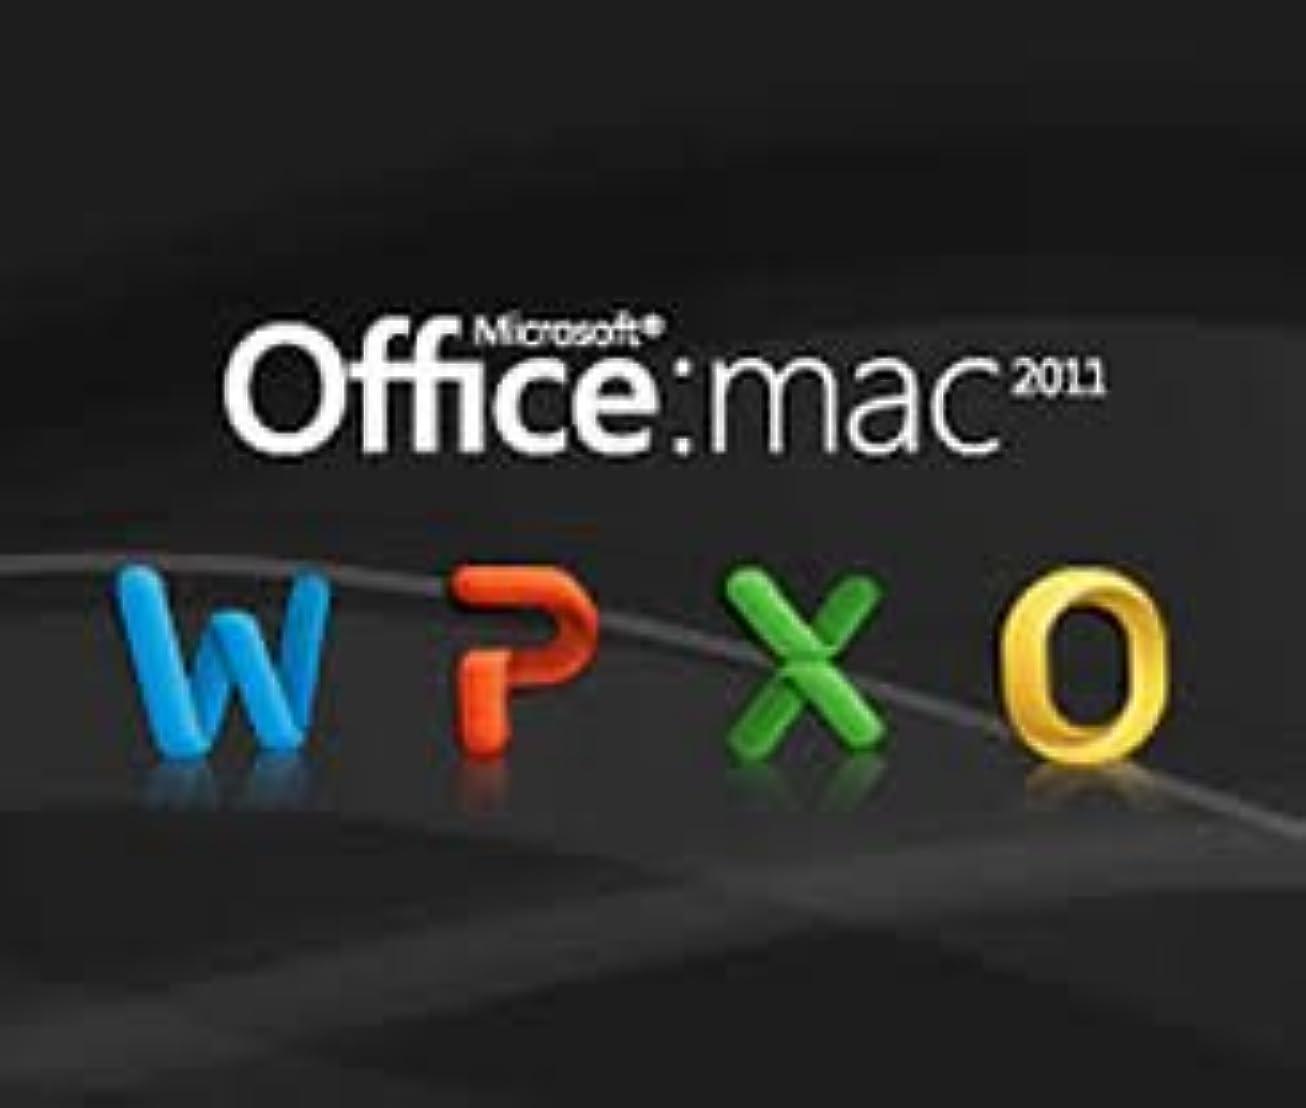 合成クーポン記念品【送料無料】 Microsoft Office 2011 Home and Business for MAC 日本語版 ★PC1台/ 1ライセンス★